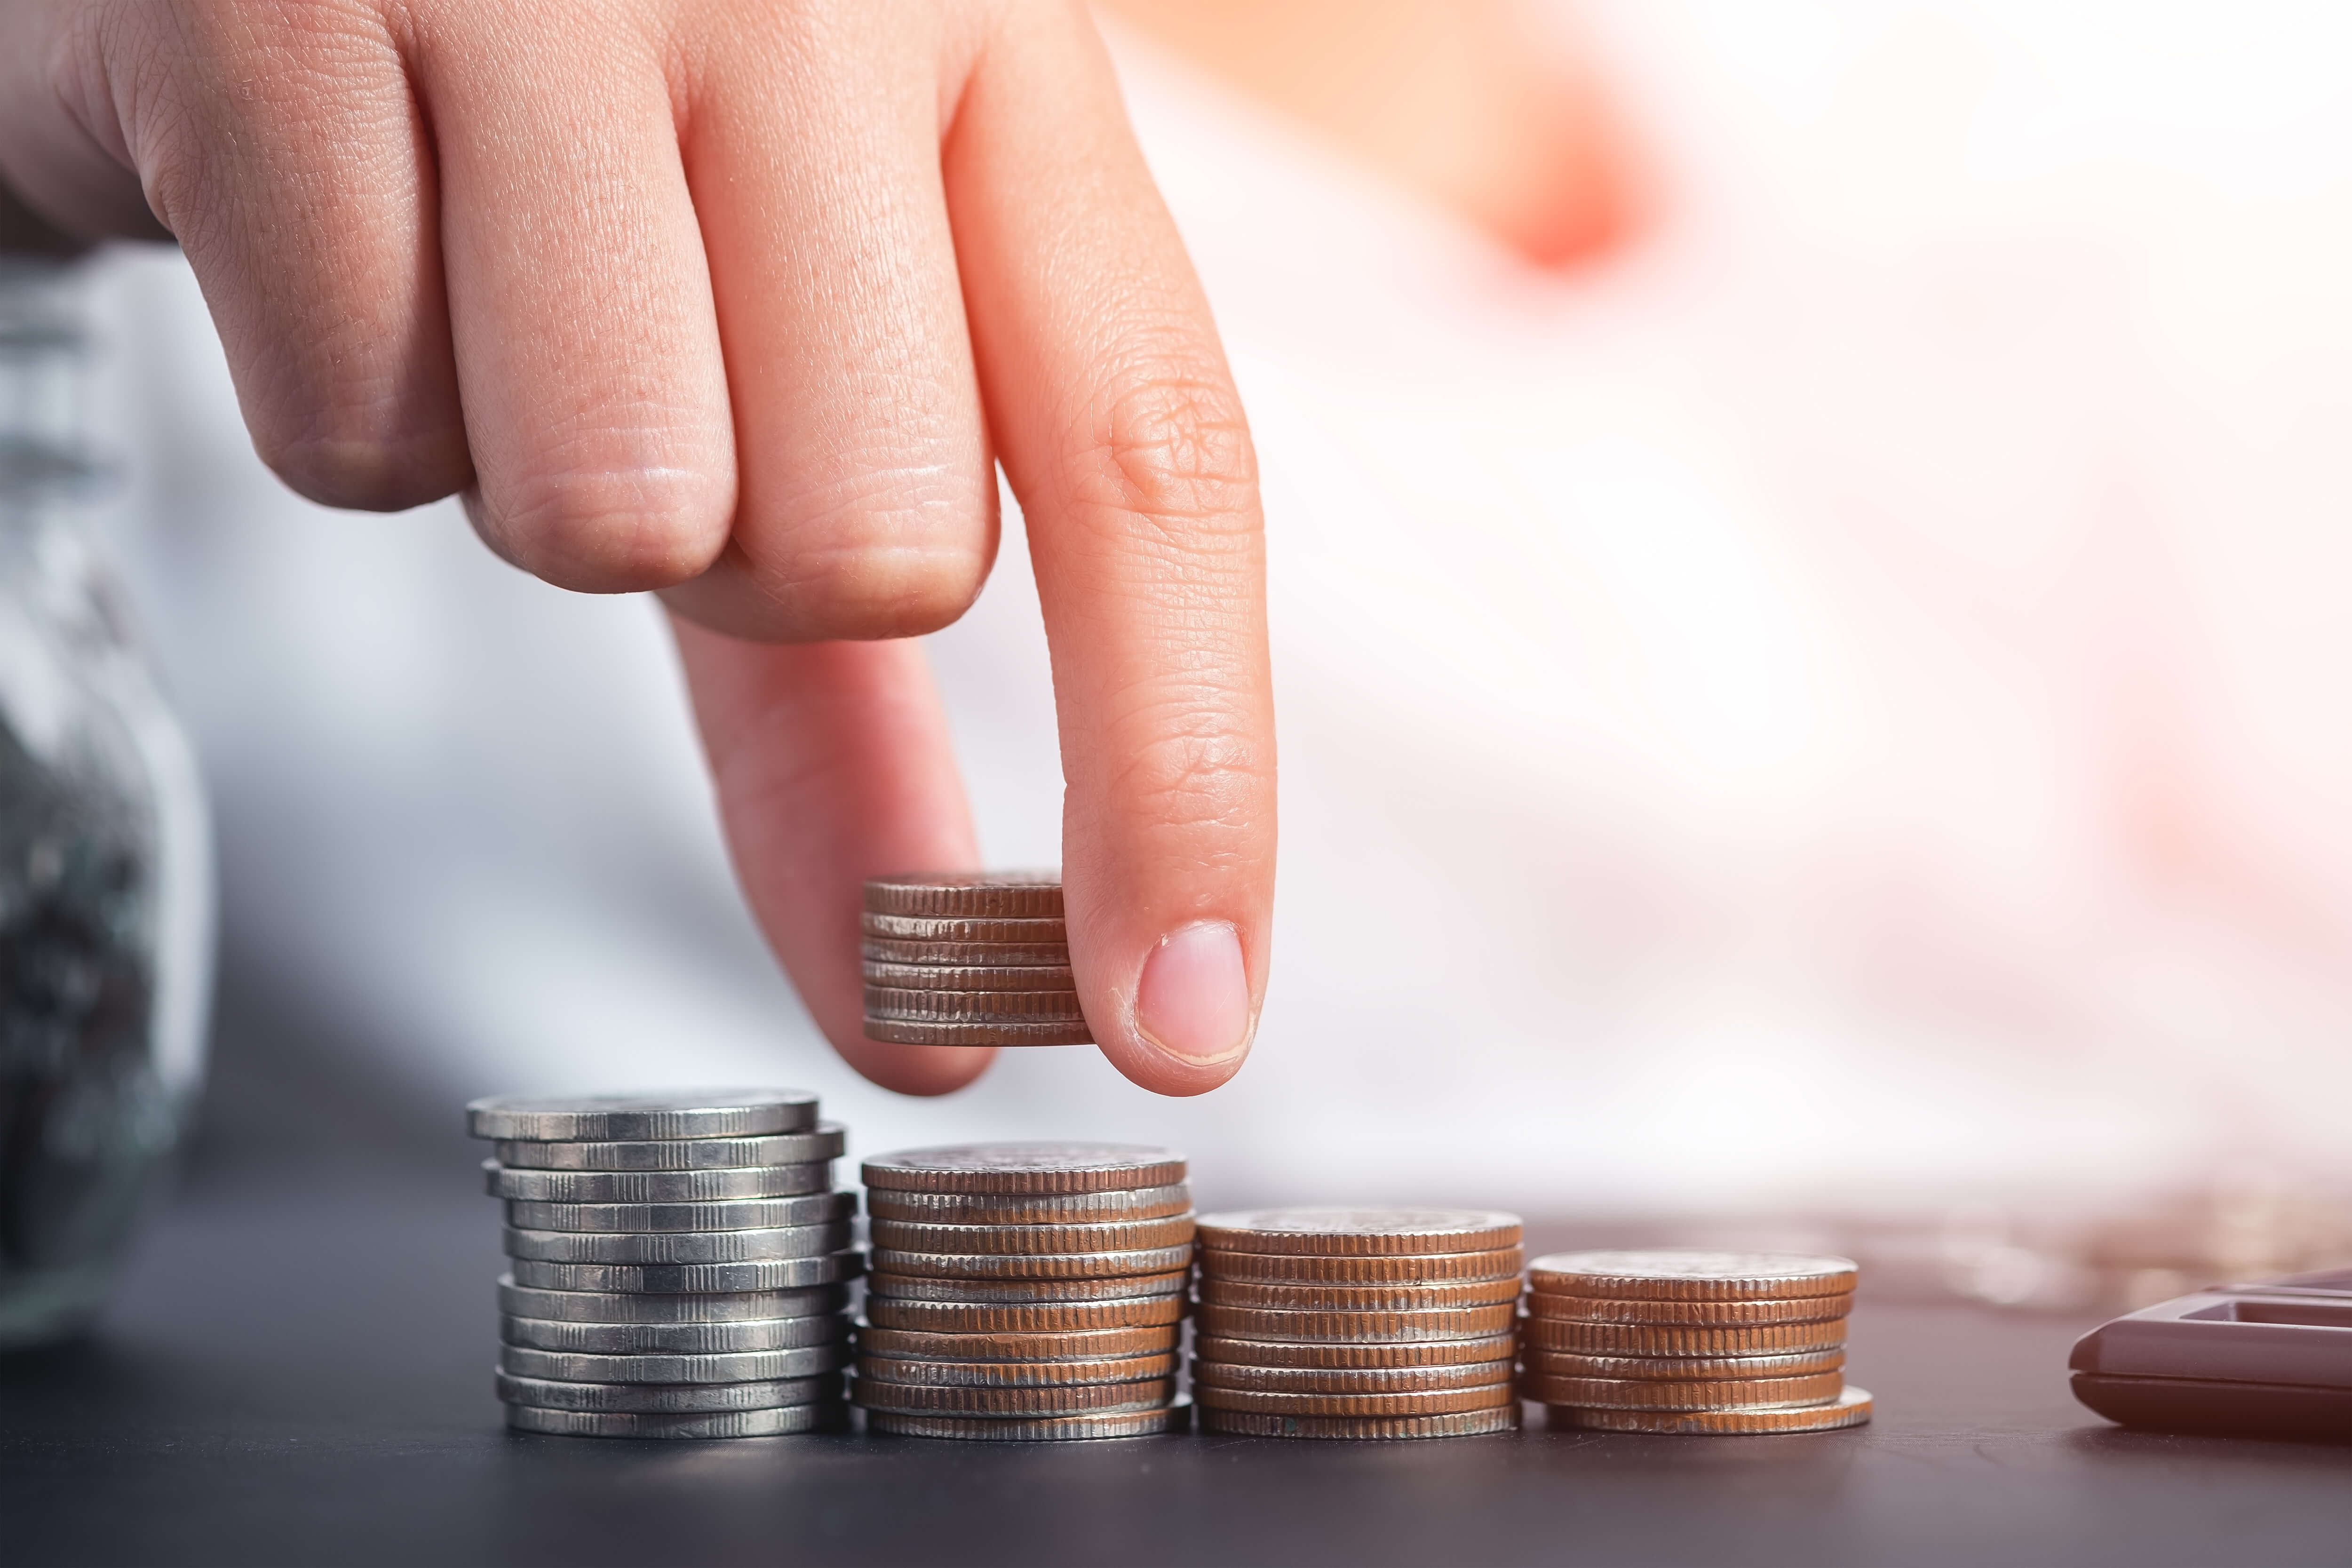 仮想通貨の利益や損失に対する税金の計算はどうする?